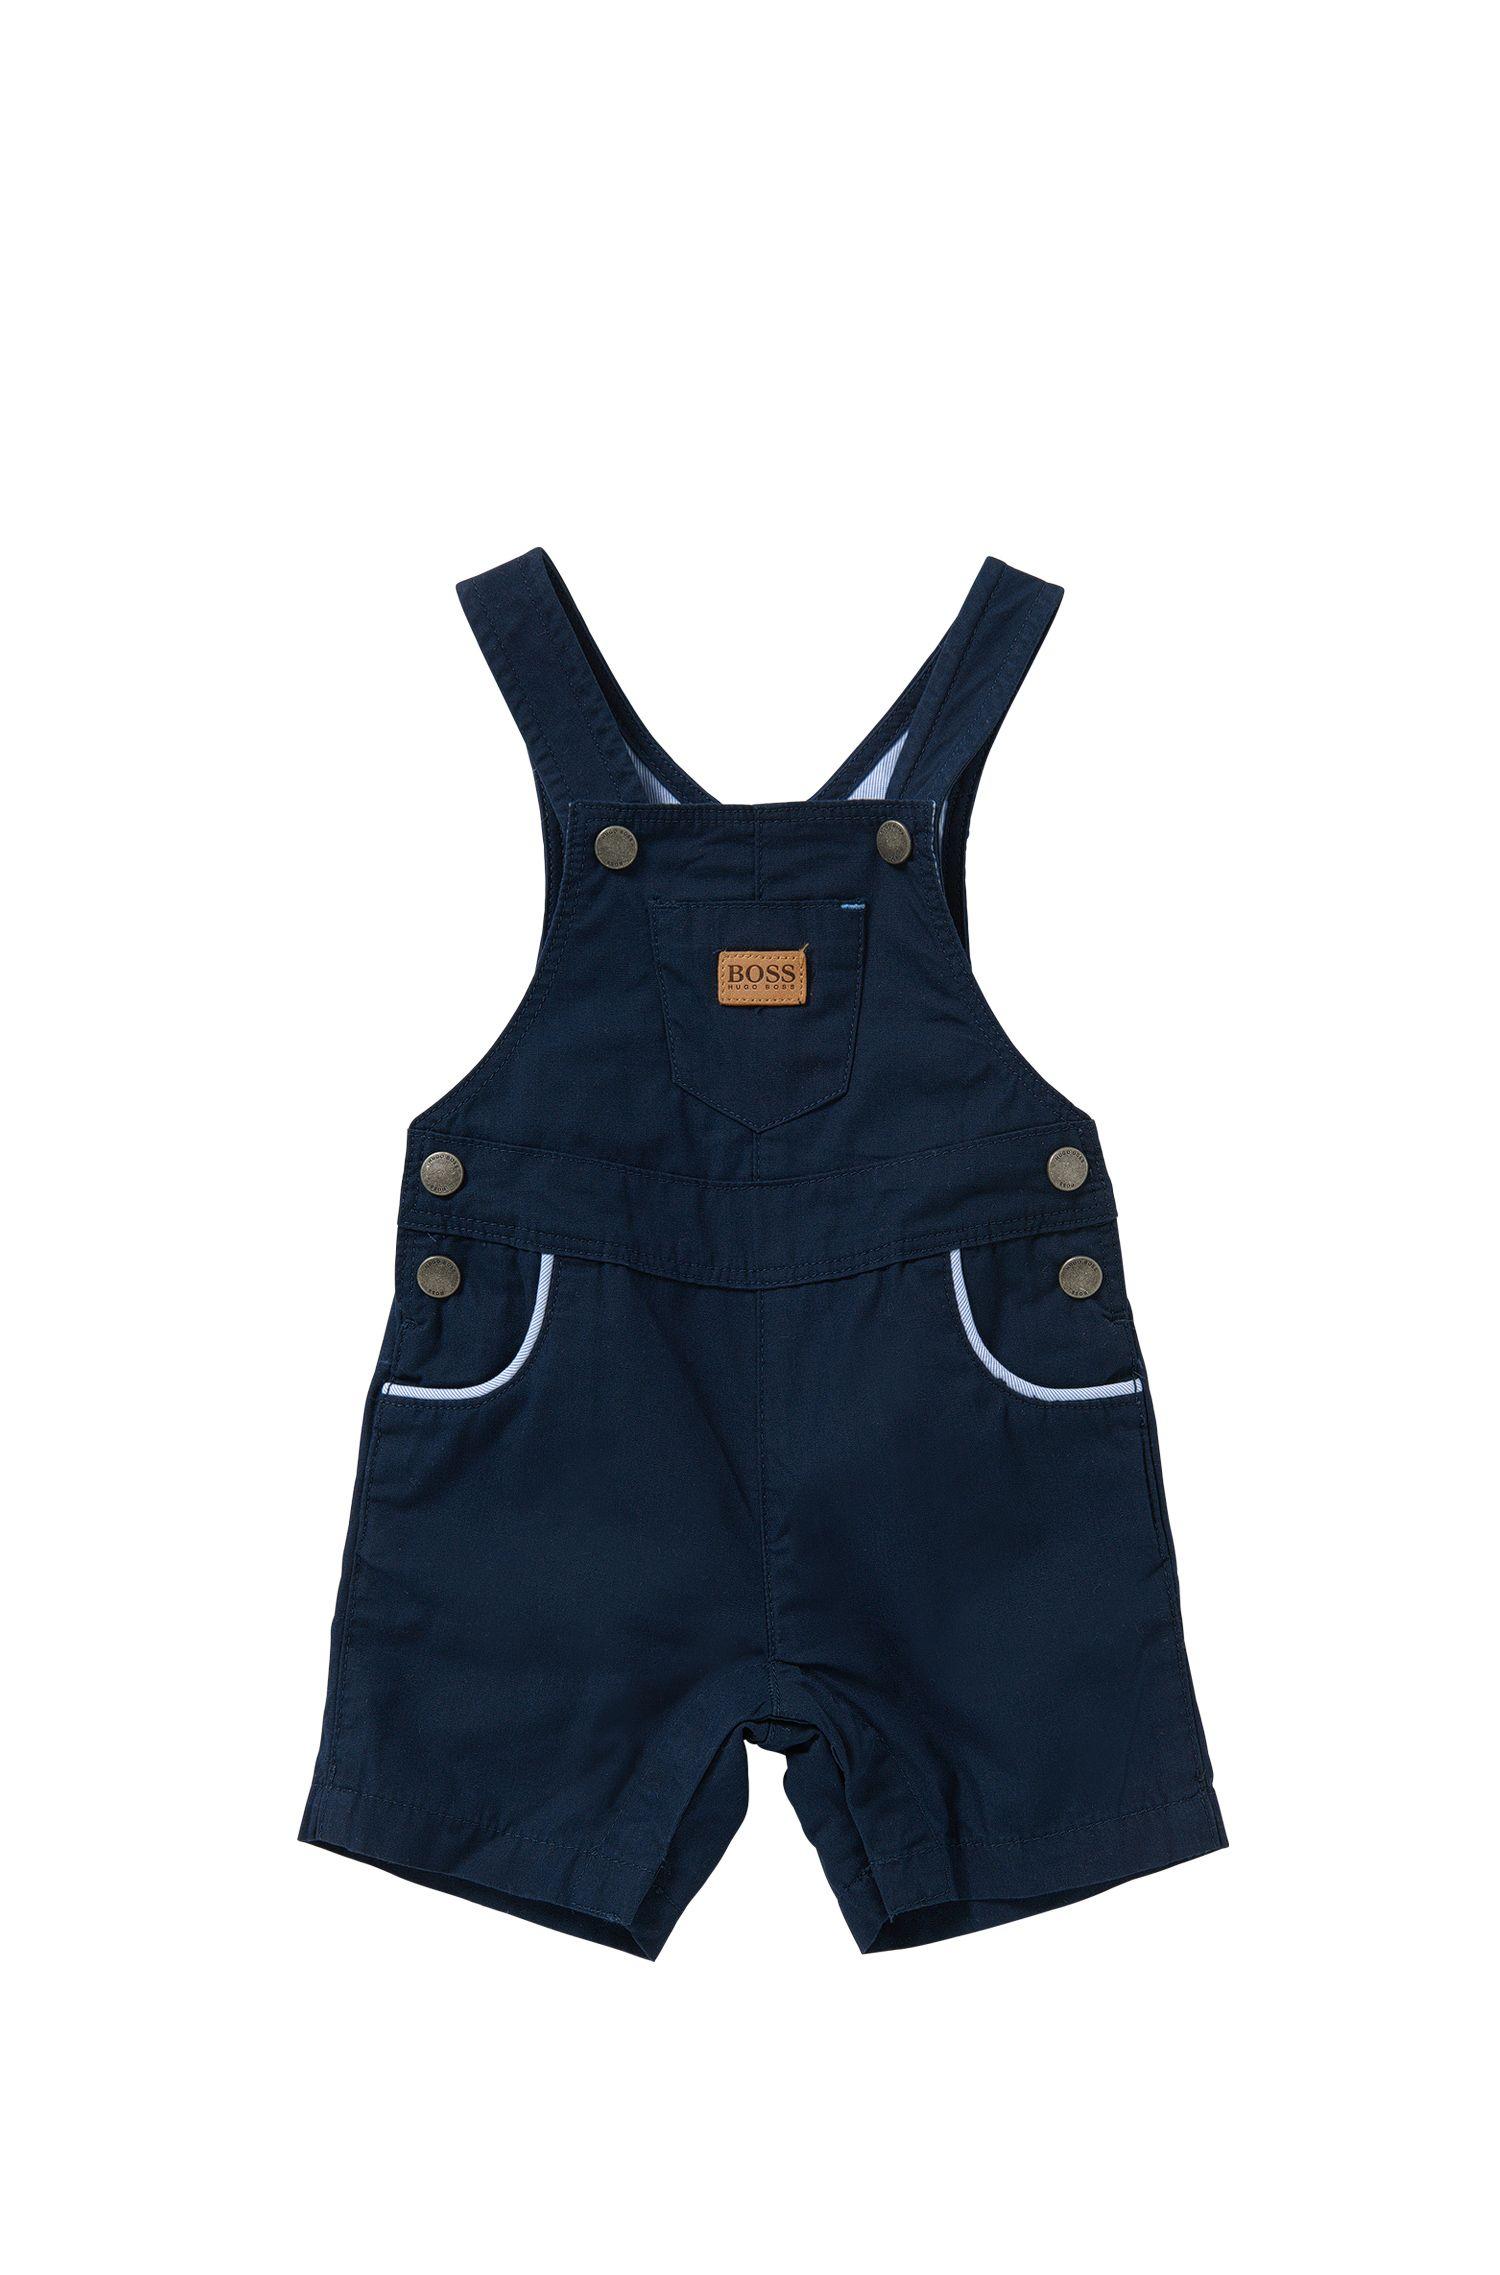 Salopette courte pour bébé en coton, fermée par des boutons-pression: «J94156»